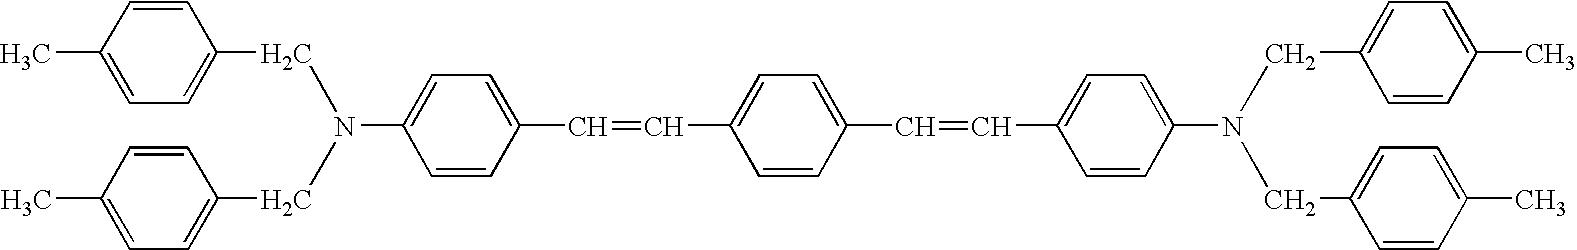 Figure US07381511-20080603-C00019